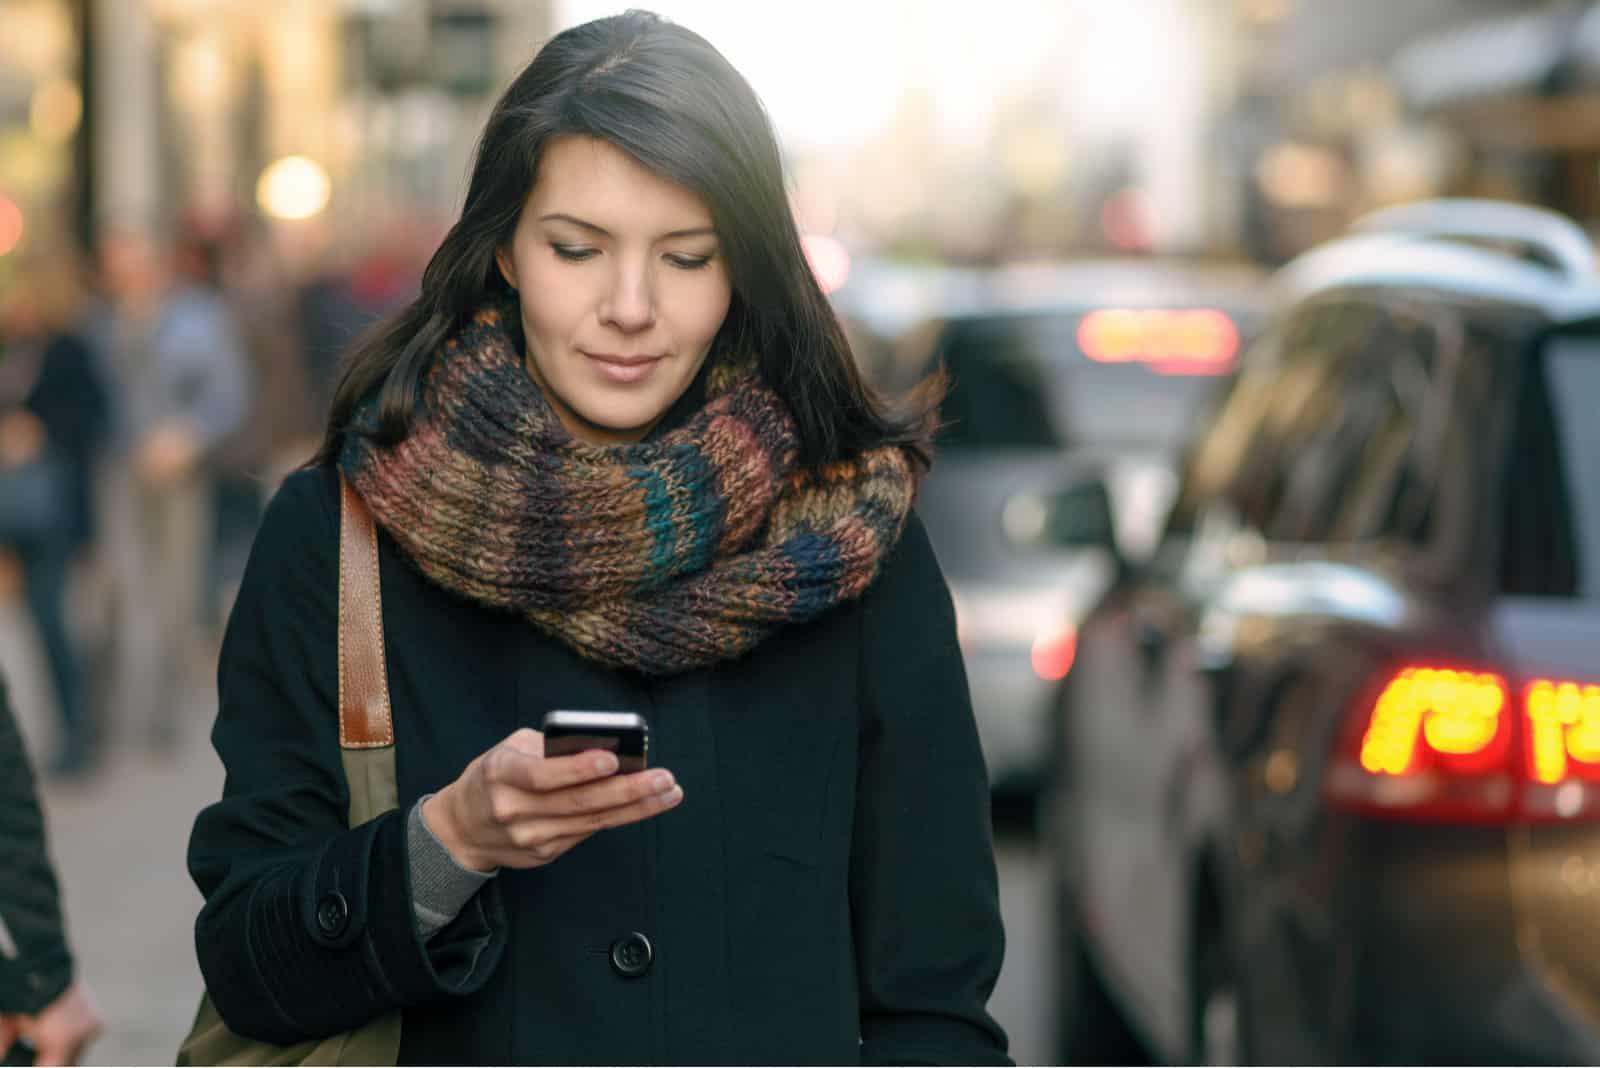 une femme aux longs cheveux noirs se dresse dans la rue et un bouton sur le téléphone